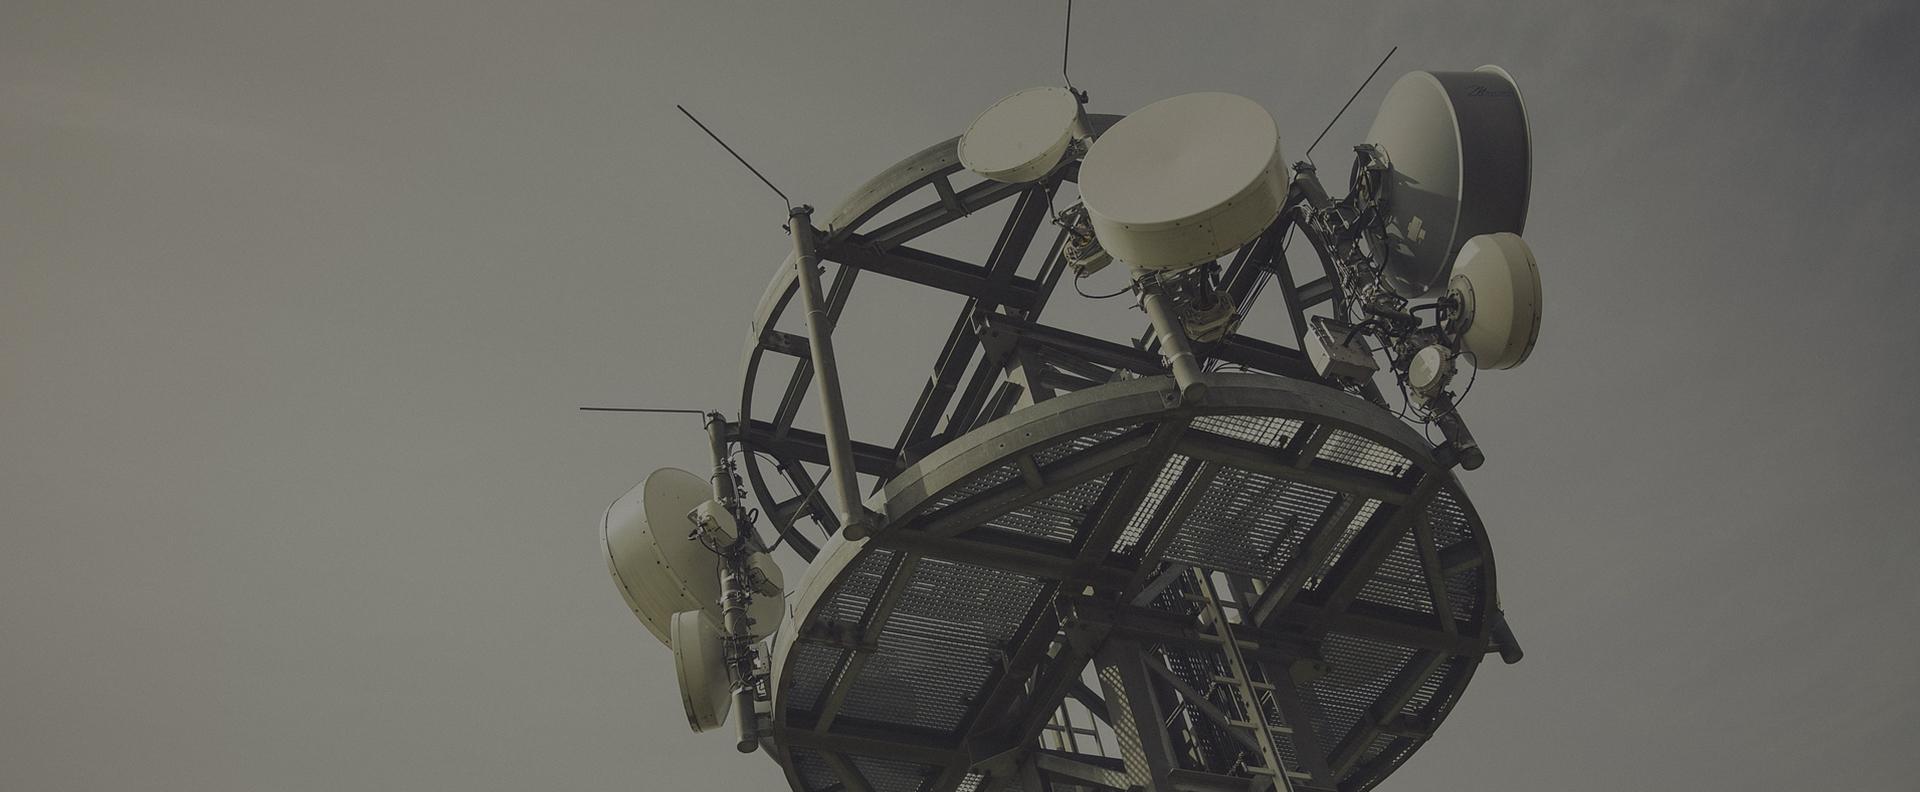 Telecomunicazioni | Giovanella Costruzioni Elettriche